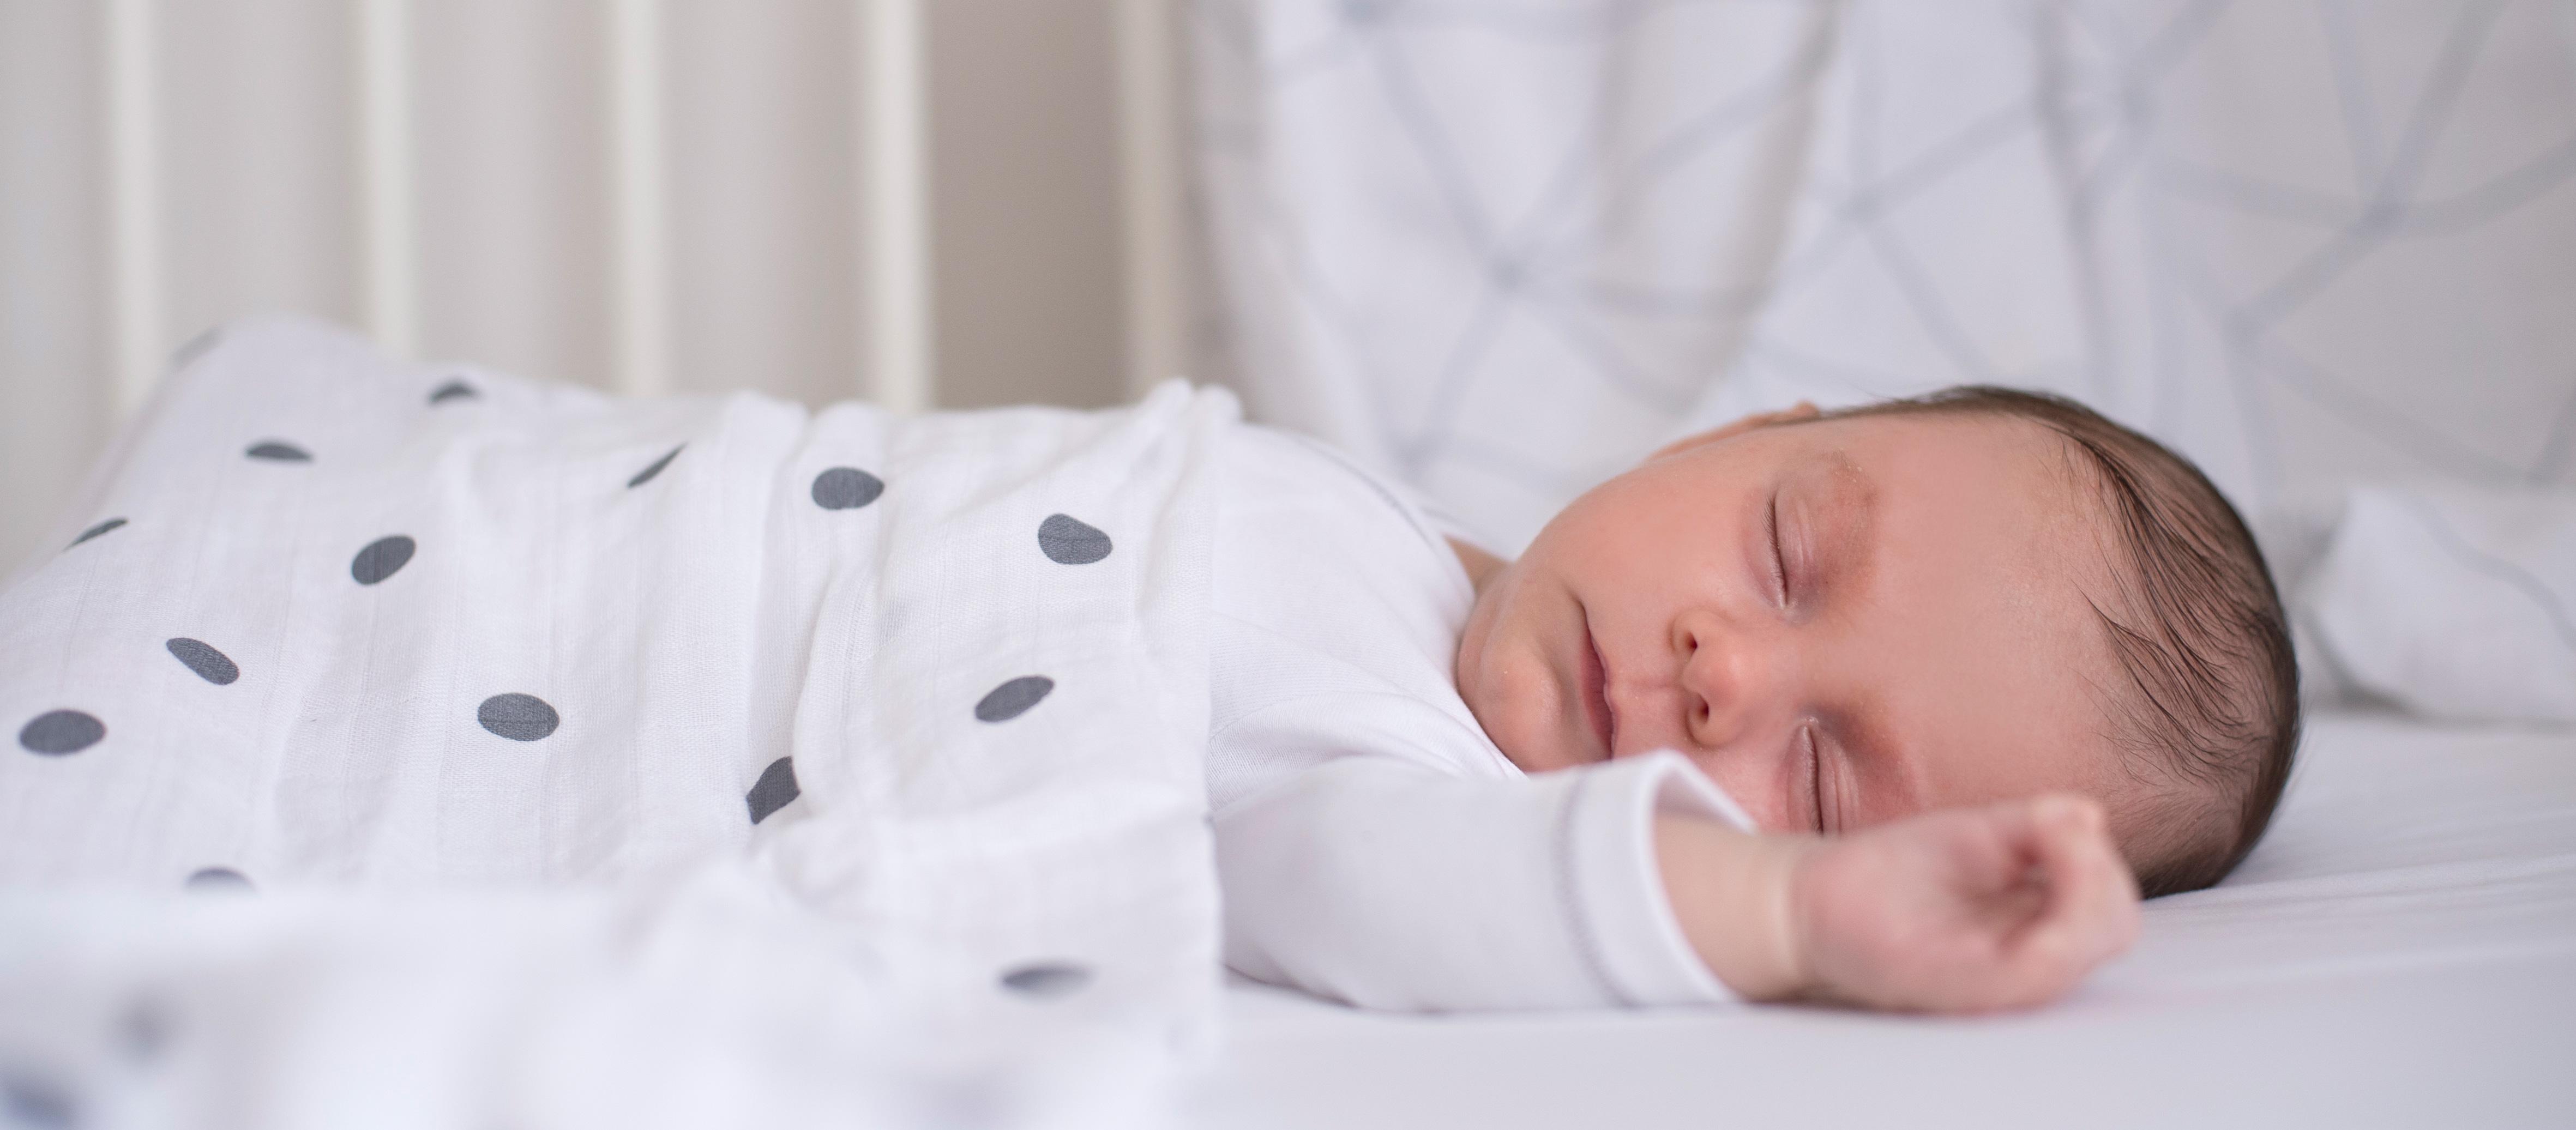 Qué Llevar En La Bolsa Para El Hospital La Guía Definitiva El Blog De Kidshome Decoración Y Tendencias Infantiles